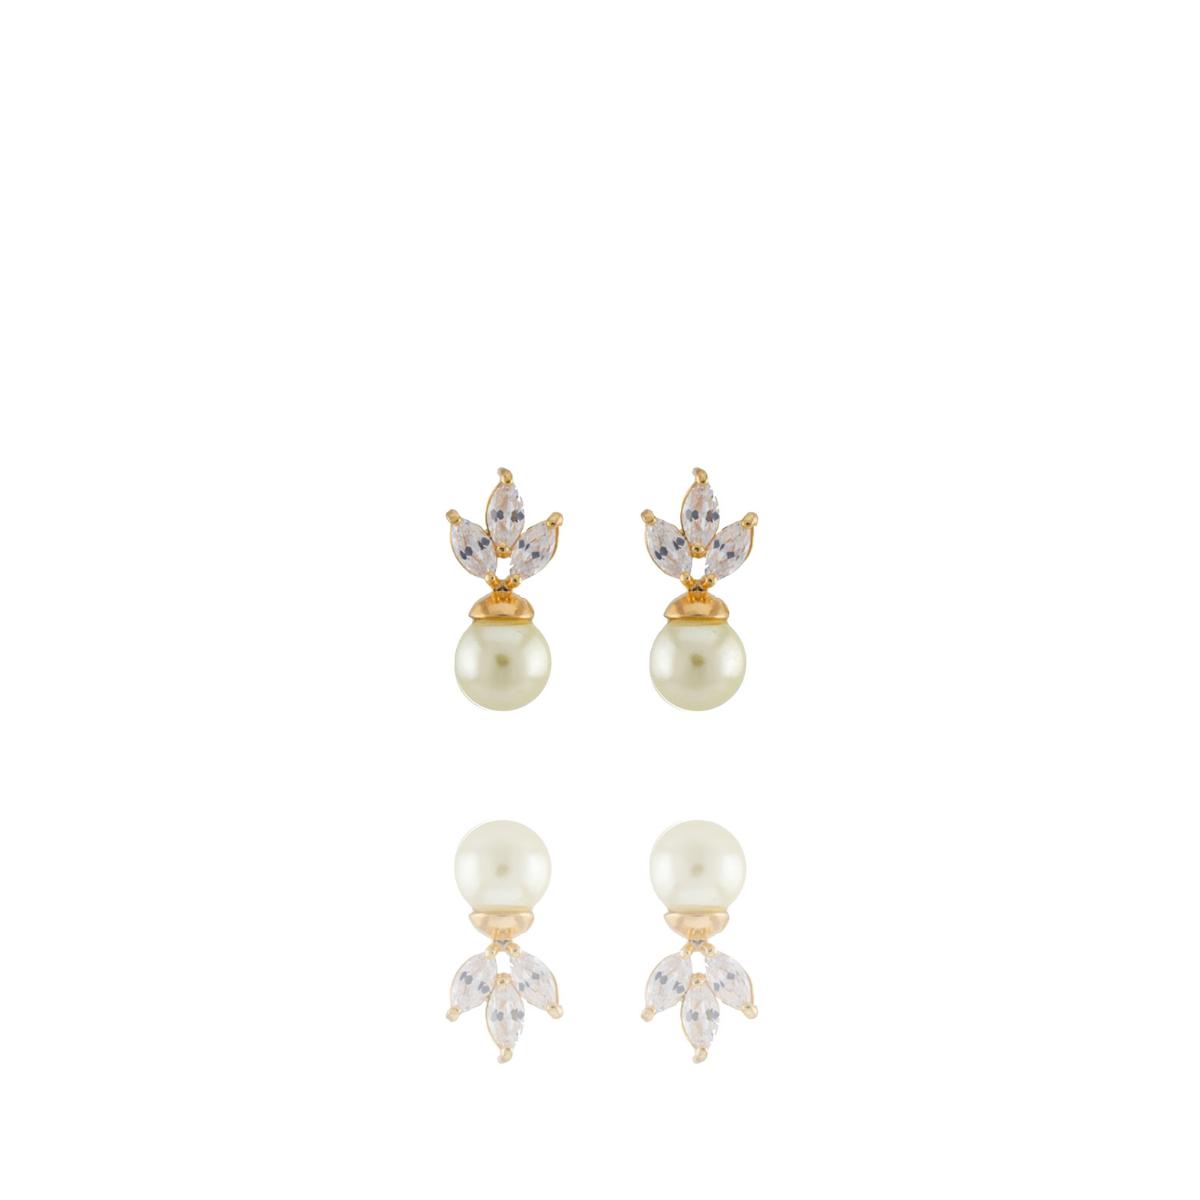 Brinco Barbara Strauss Liz Em Pérola Lalique E Zircônia, Revestido Em Ouro 18K